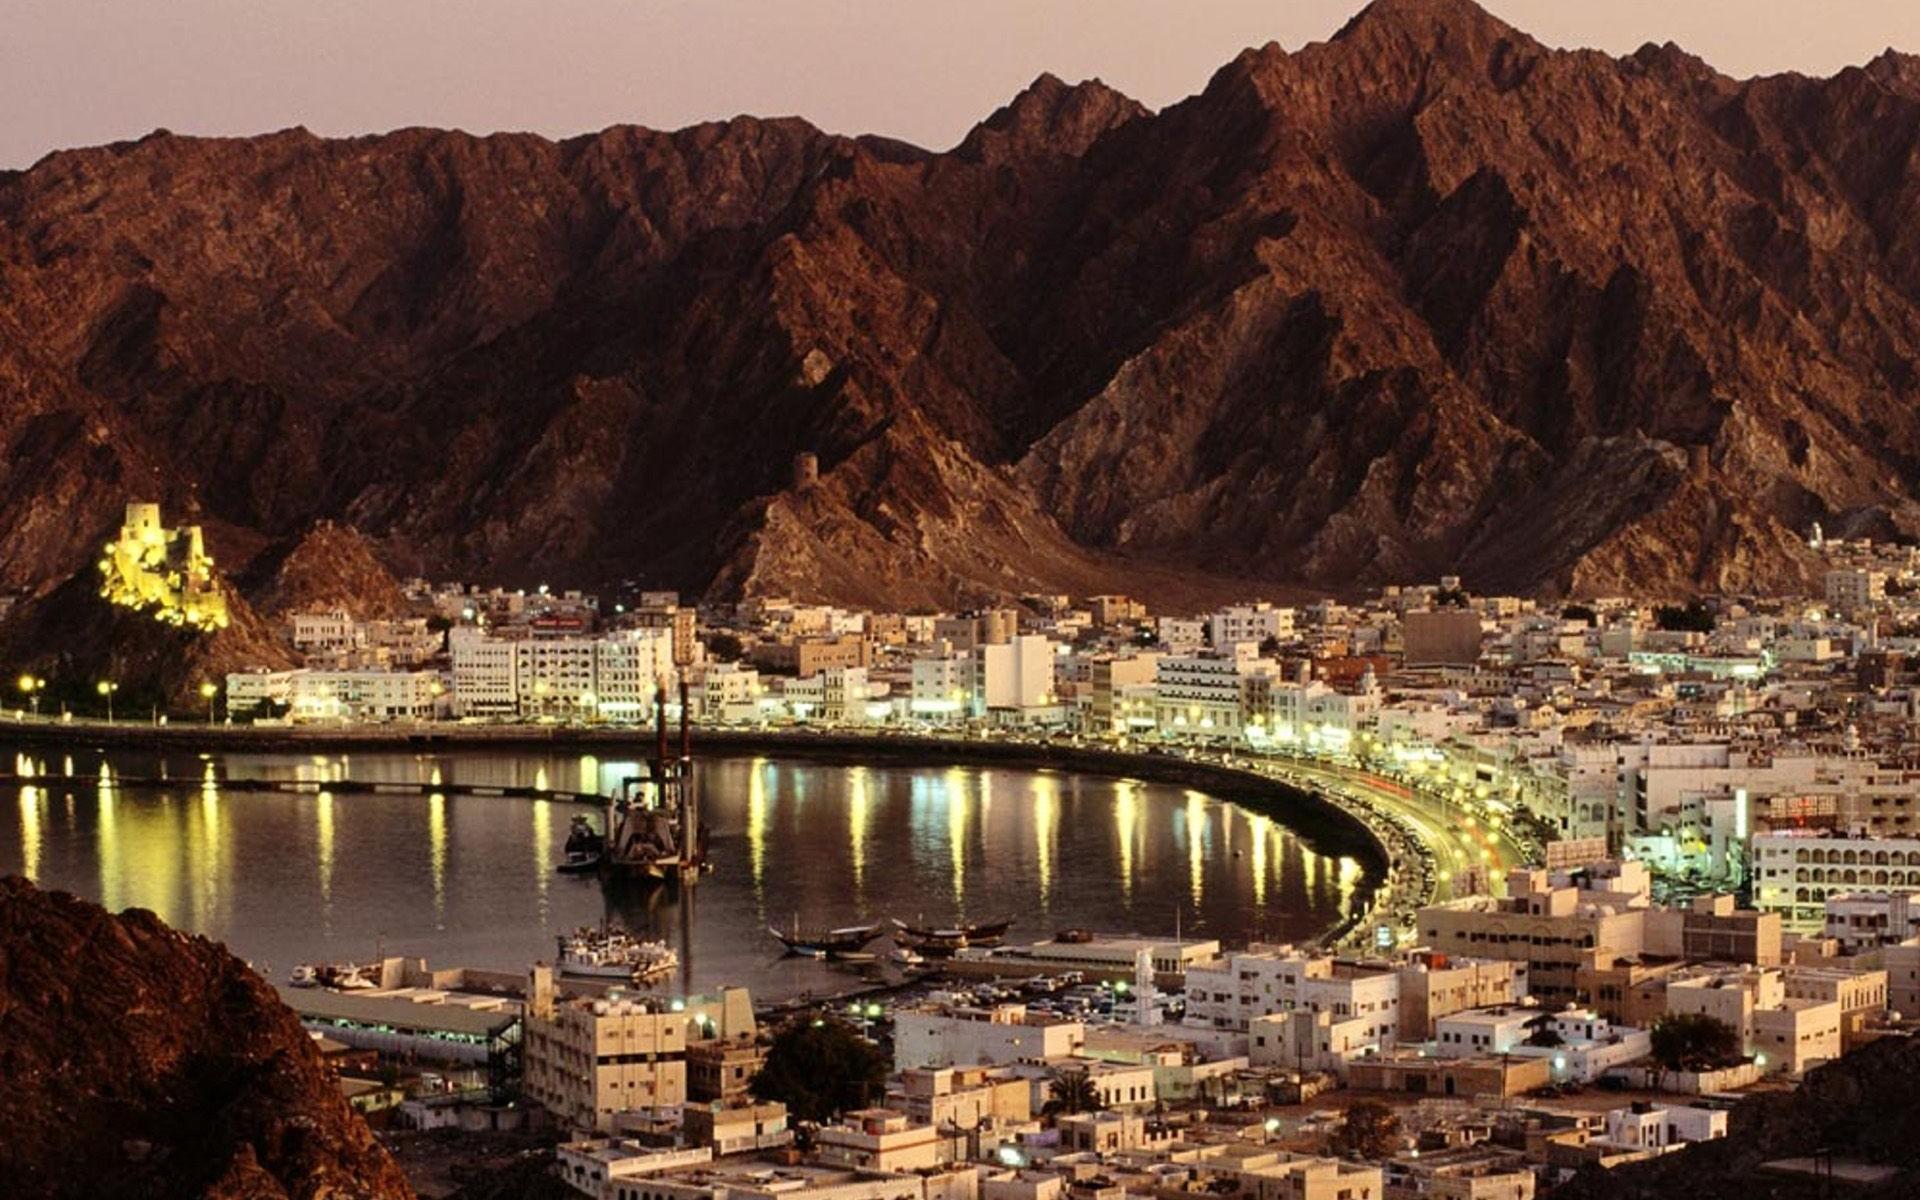 Vieille ville de Mascate, capitale d'Oman